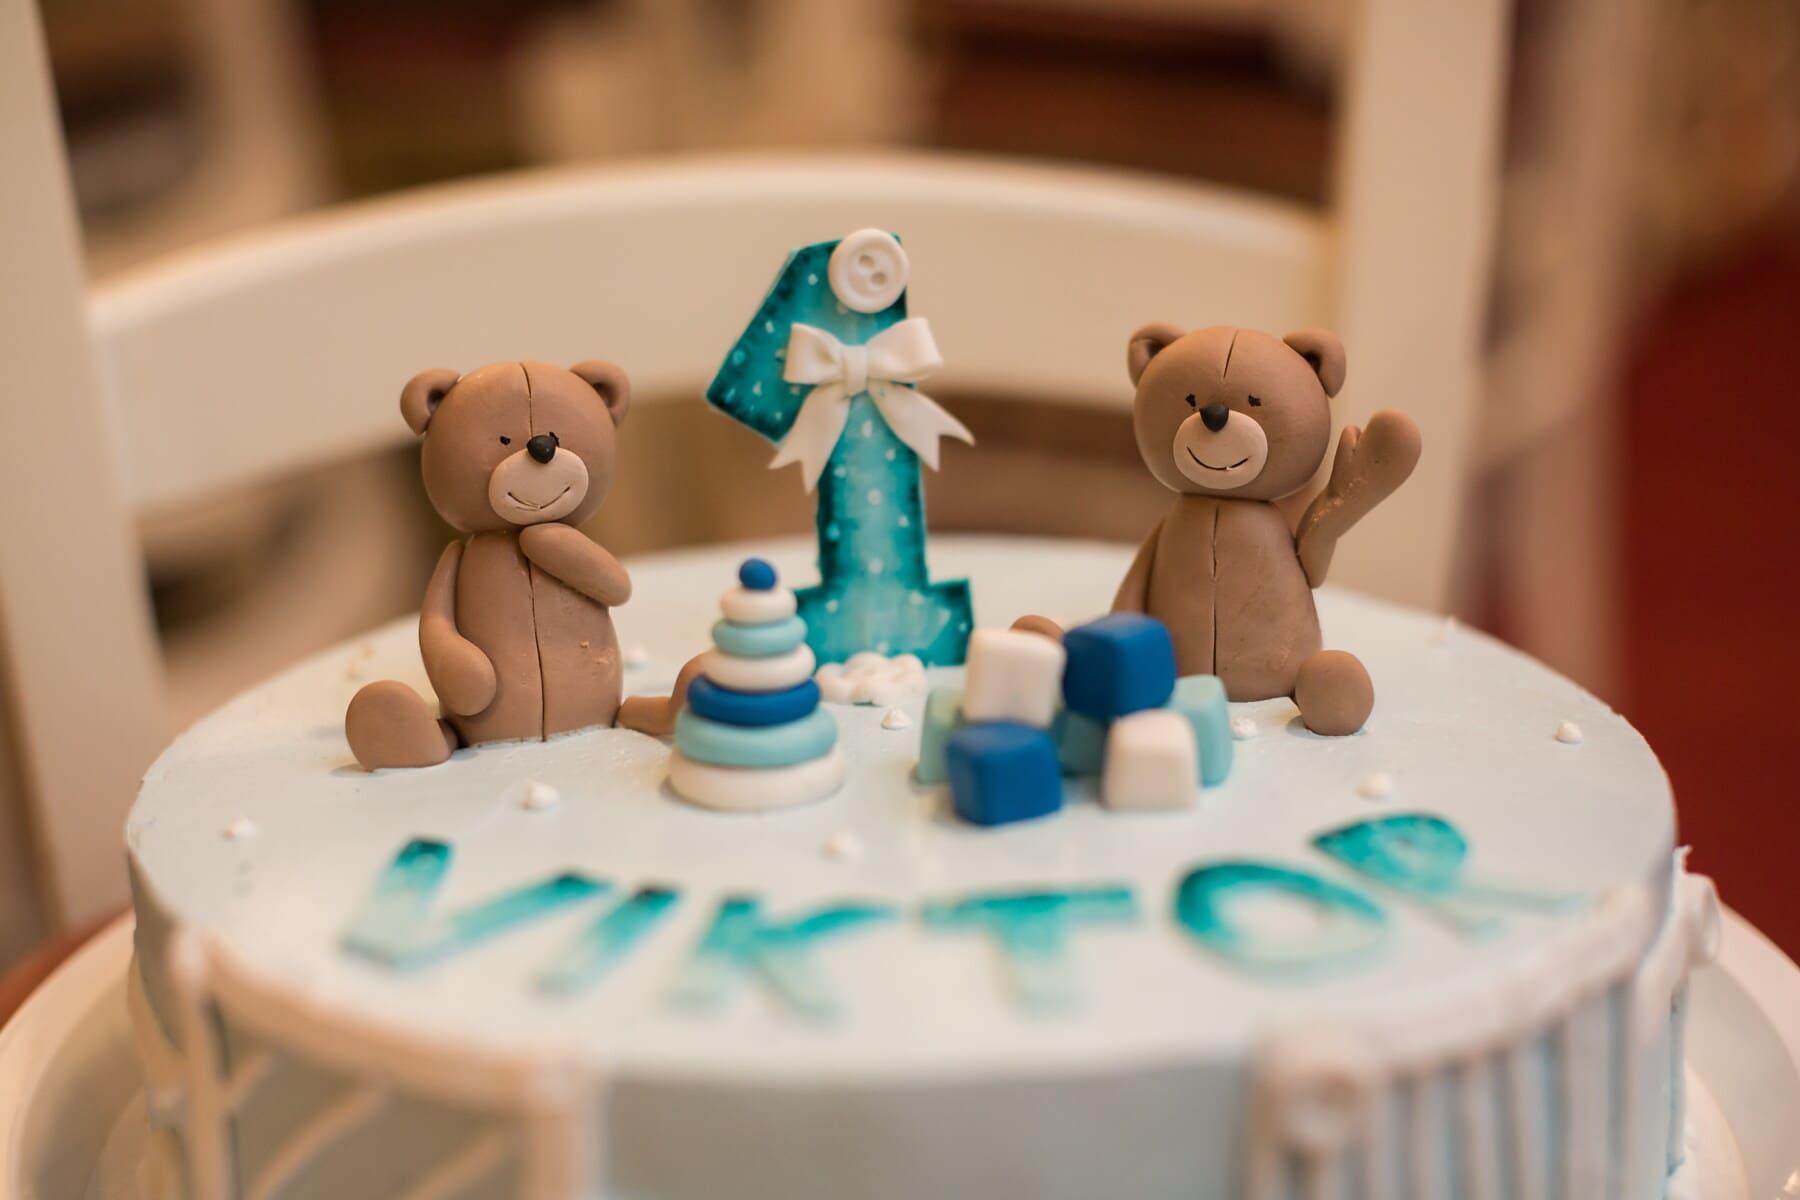 dekorace, světle hnědá, narozeninový dort, narozeniny, hračka medvídka, dort, uvnitř, pečení, hračka, zábava